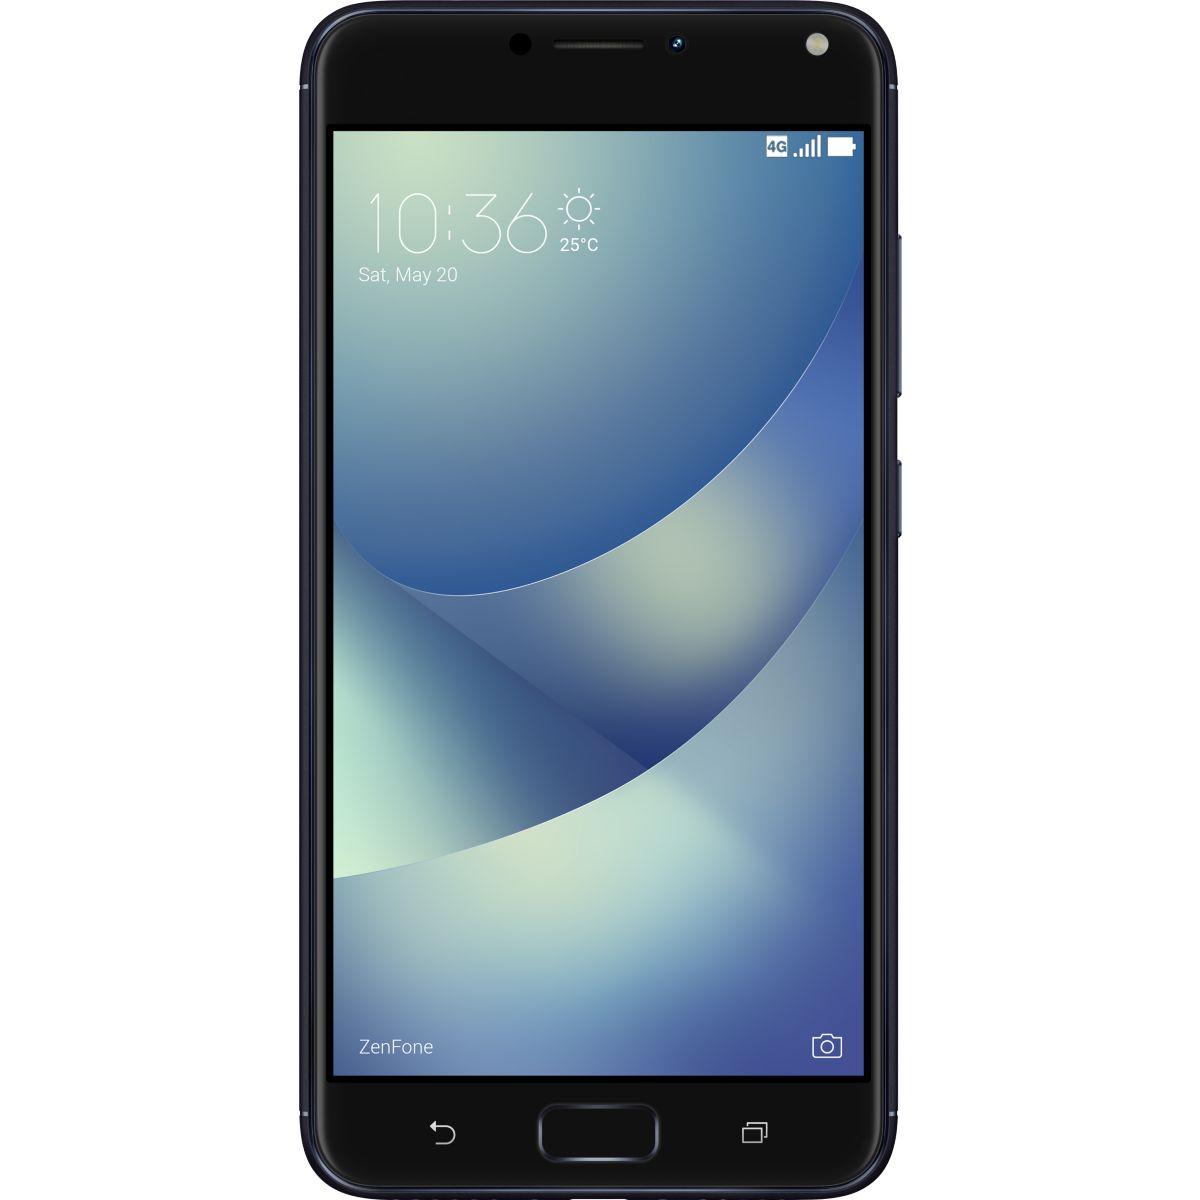 Smartphone ASUS Zenfone 4 Max ZC520KL Navy Black